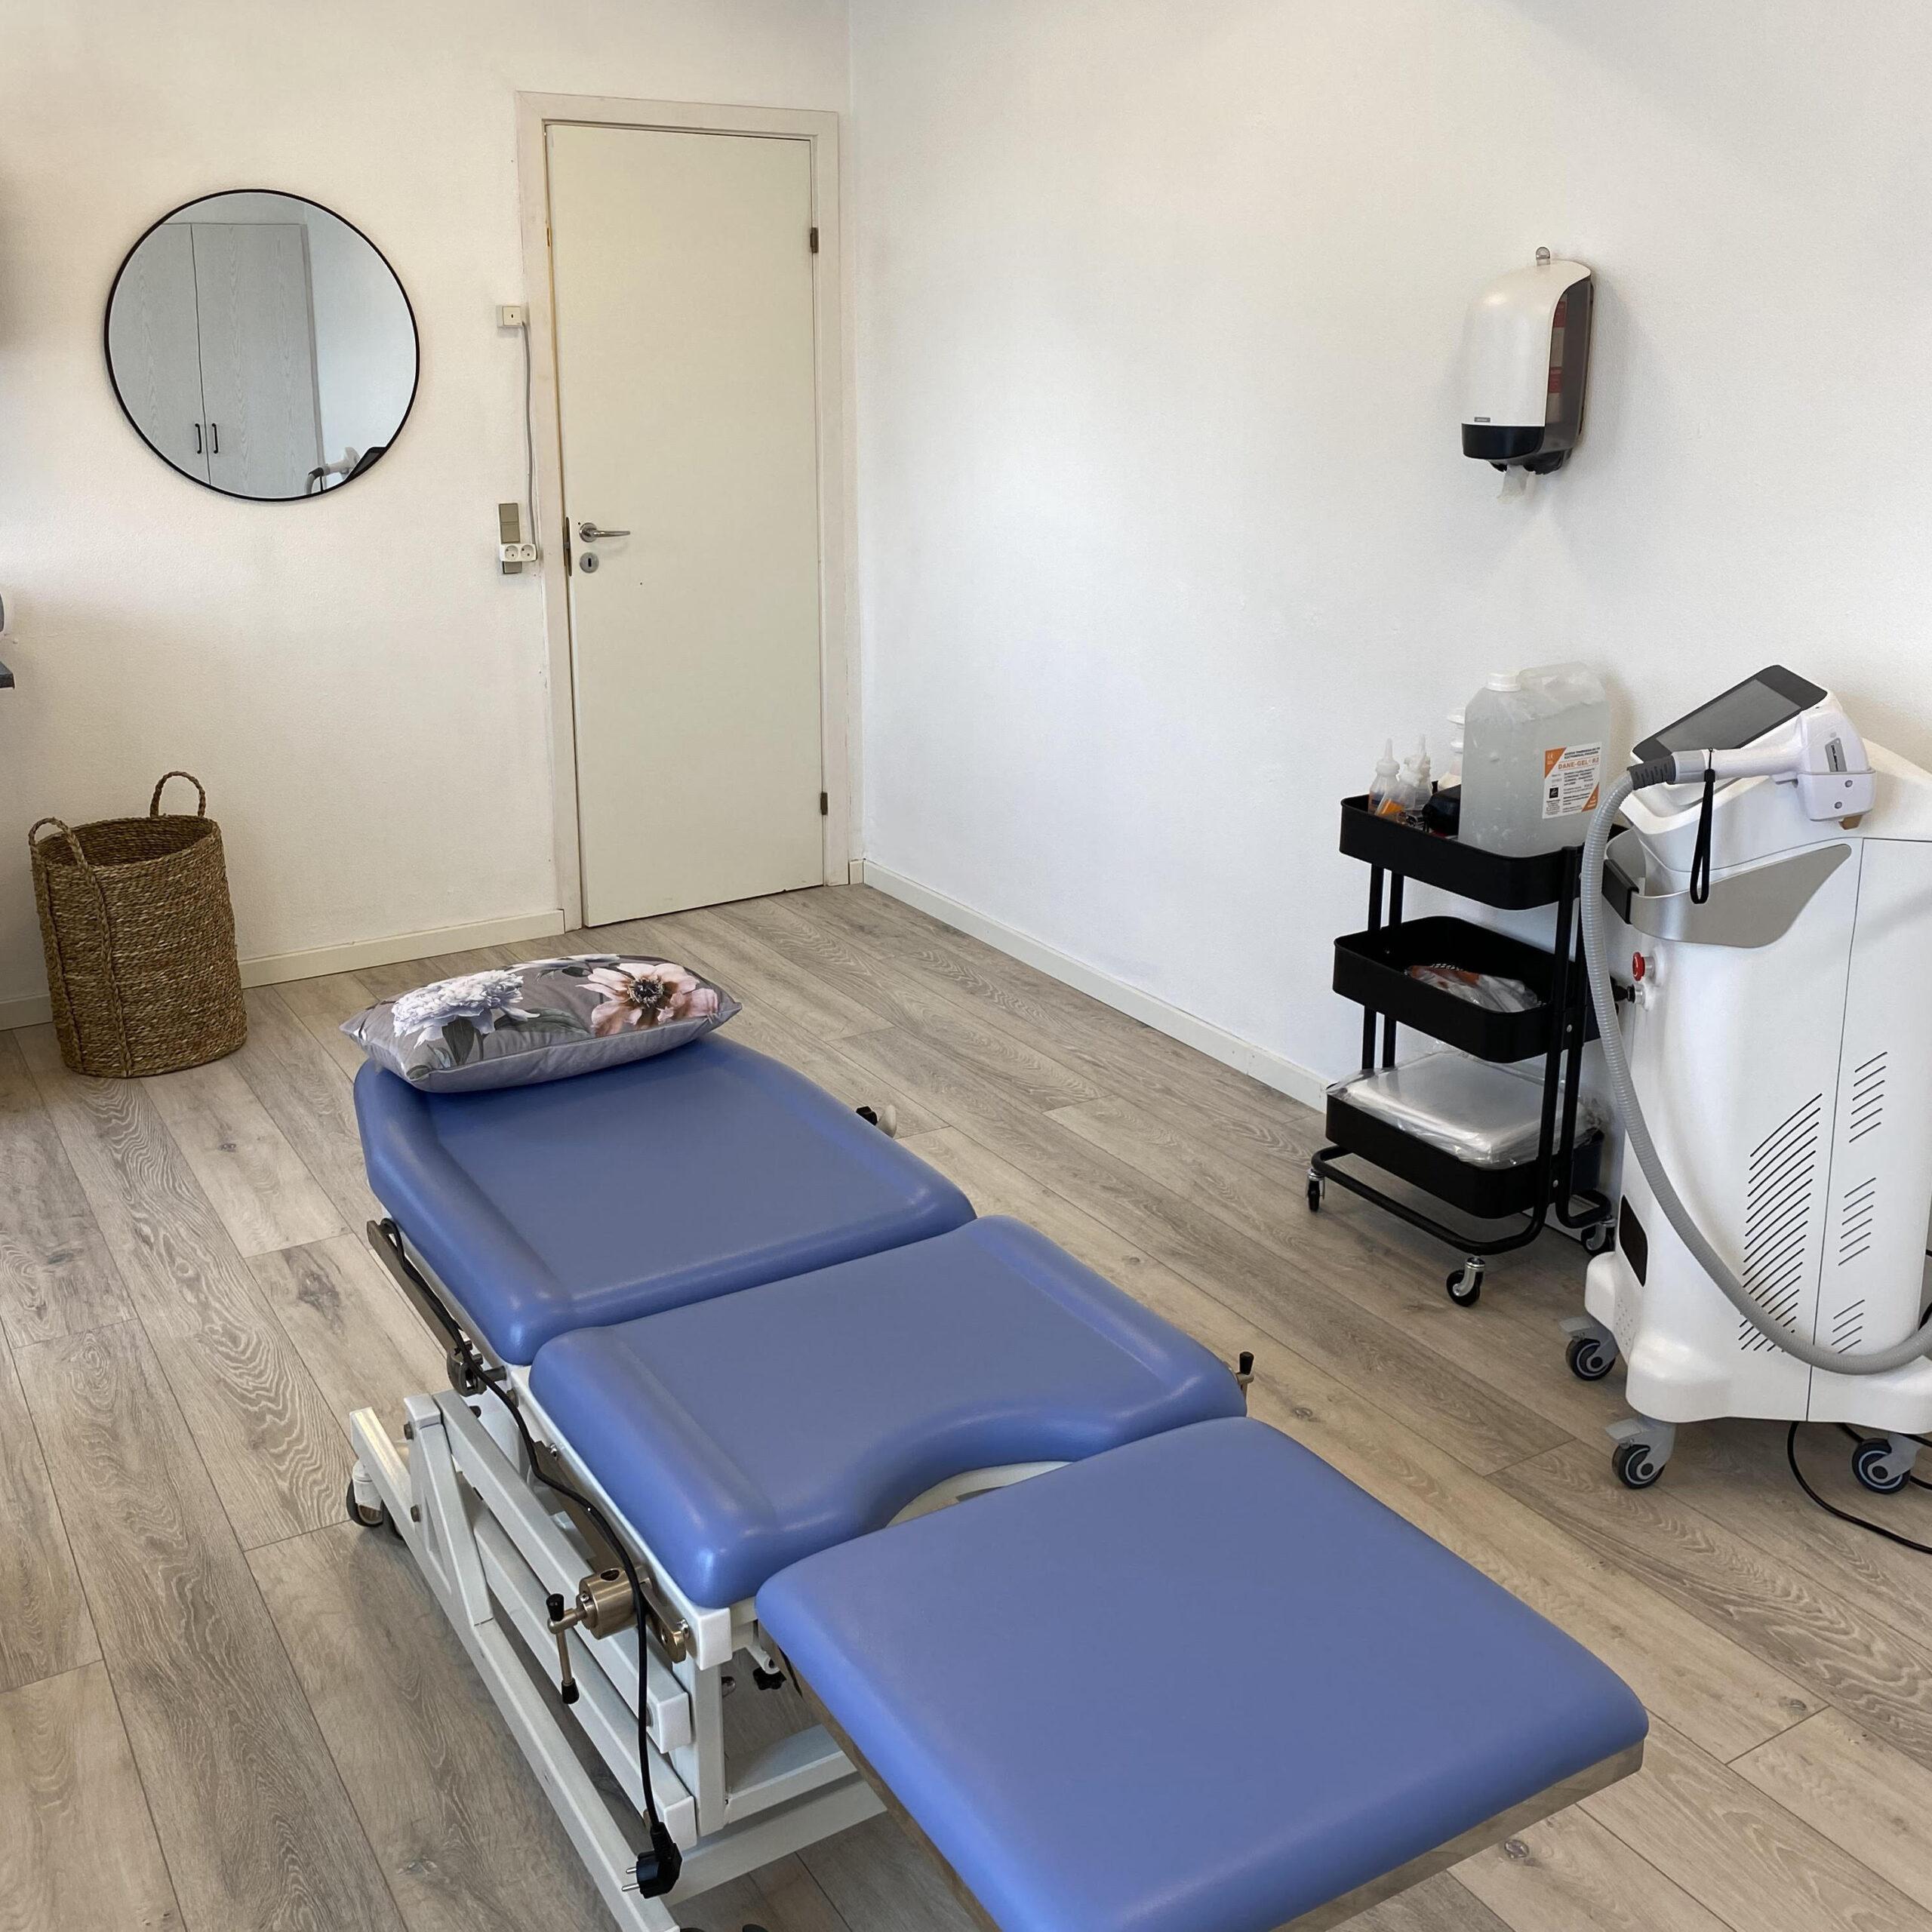 Permanent hårfjerning og fedtfrysning - Aalborg SV - Full Beauty